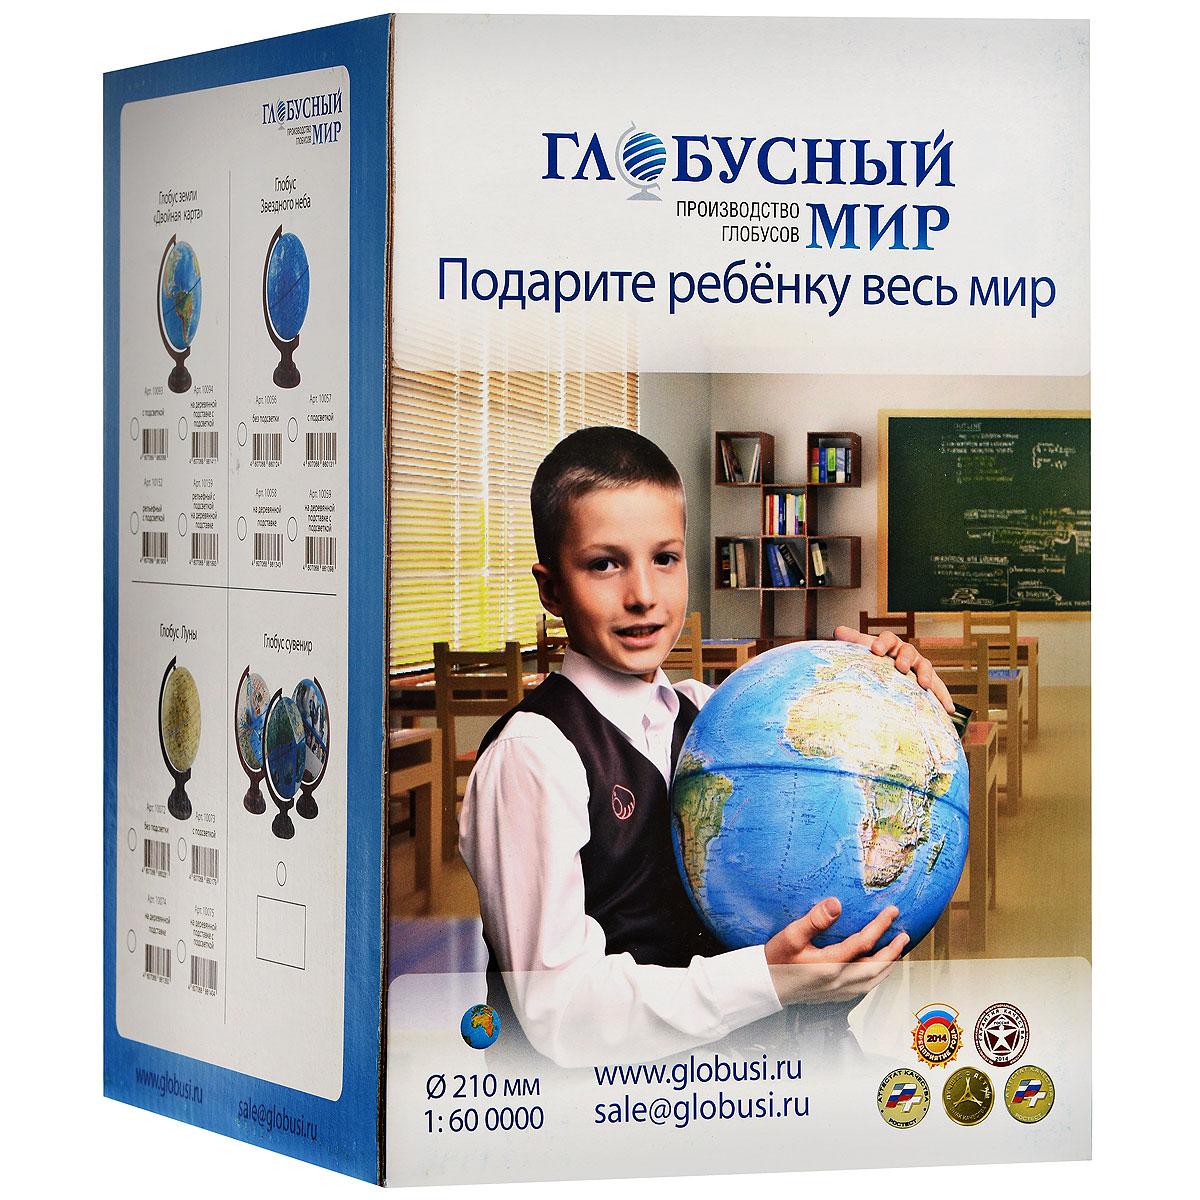 Глобусный мир Ландшафтный глобус, диаметр 21 см, на деревянной подставке Глобусный мир